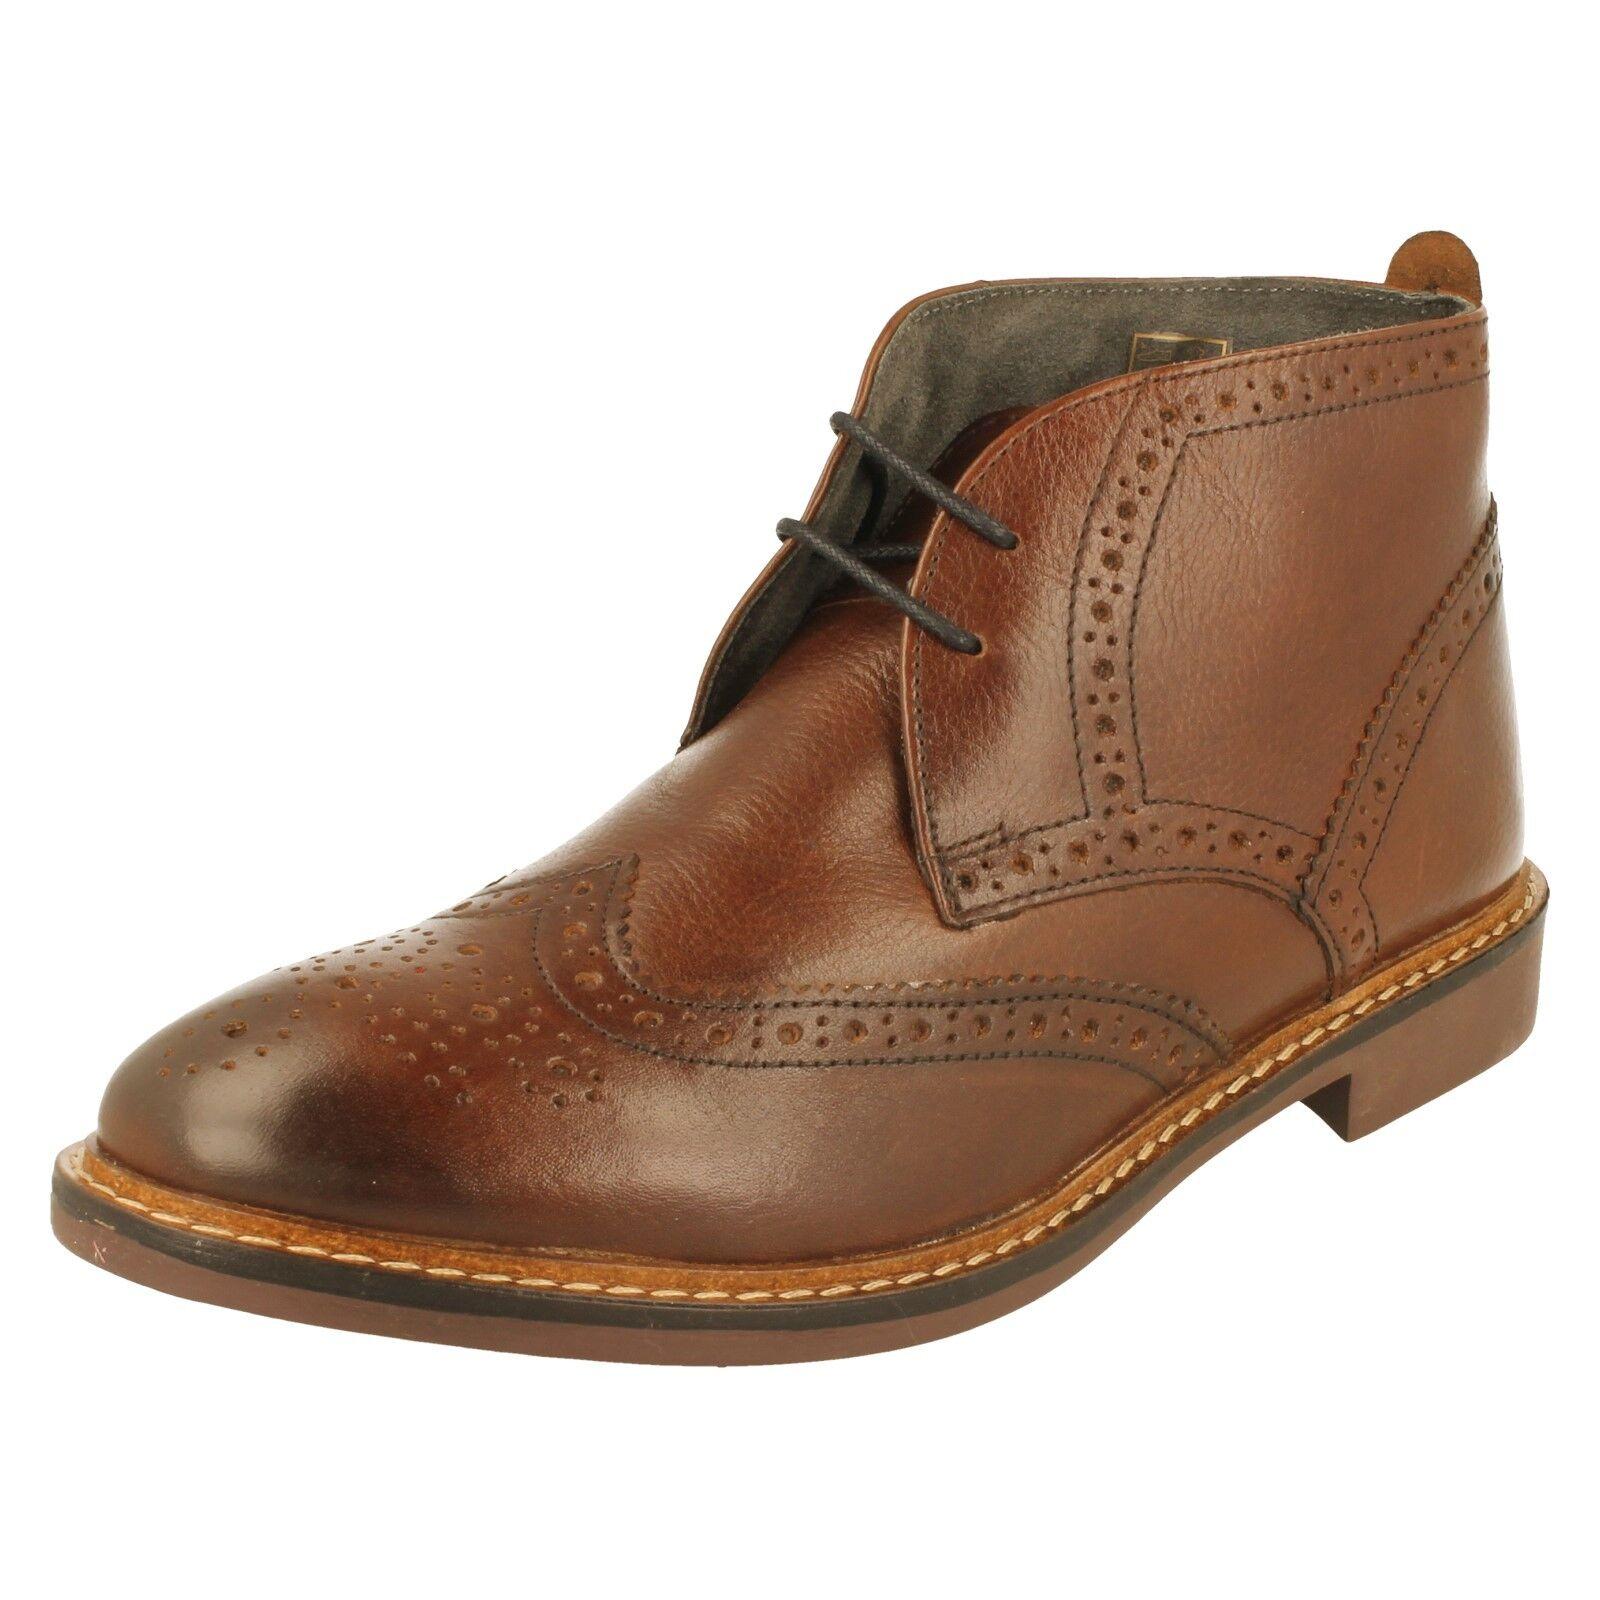 Men's Base London Brogue Ankle Boots - Trick